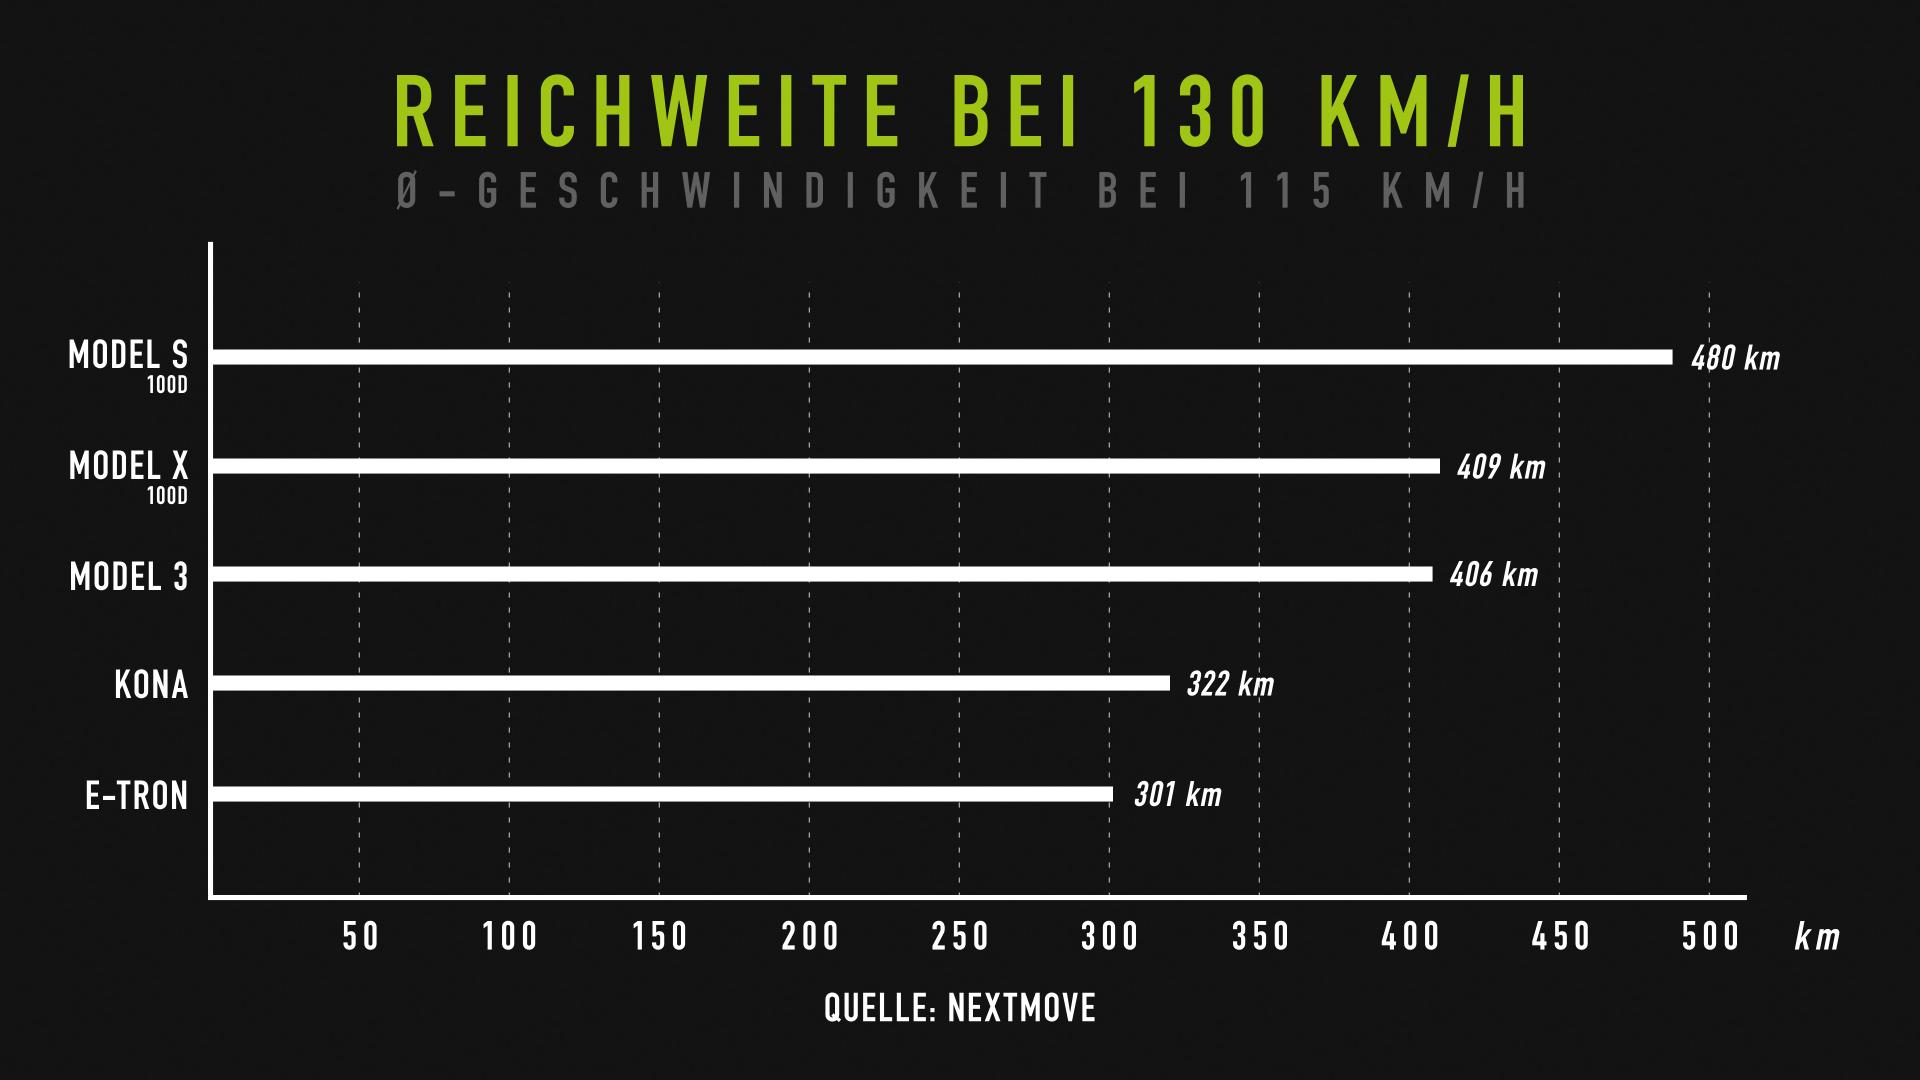 nextmove Verbrauchstest - Reichweite bei 130 kmh